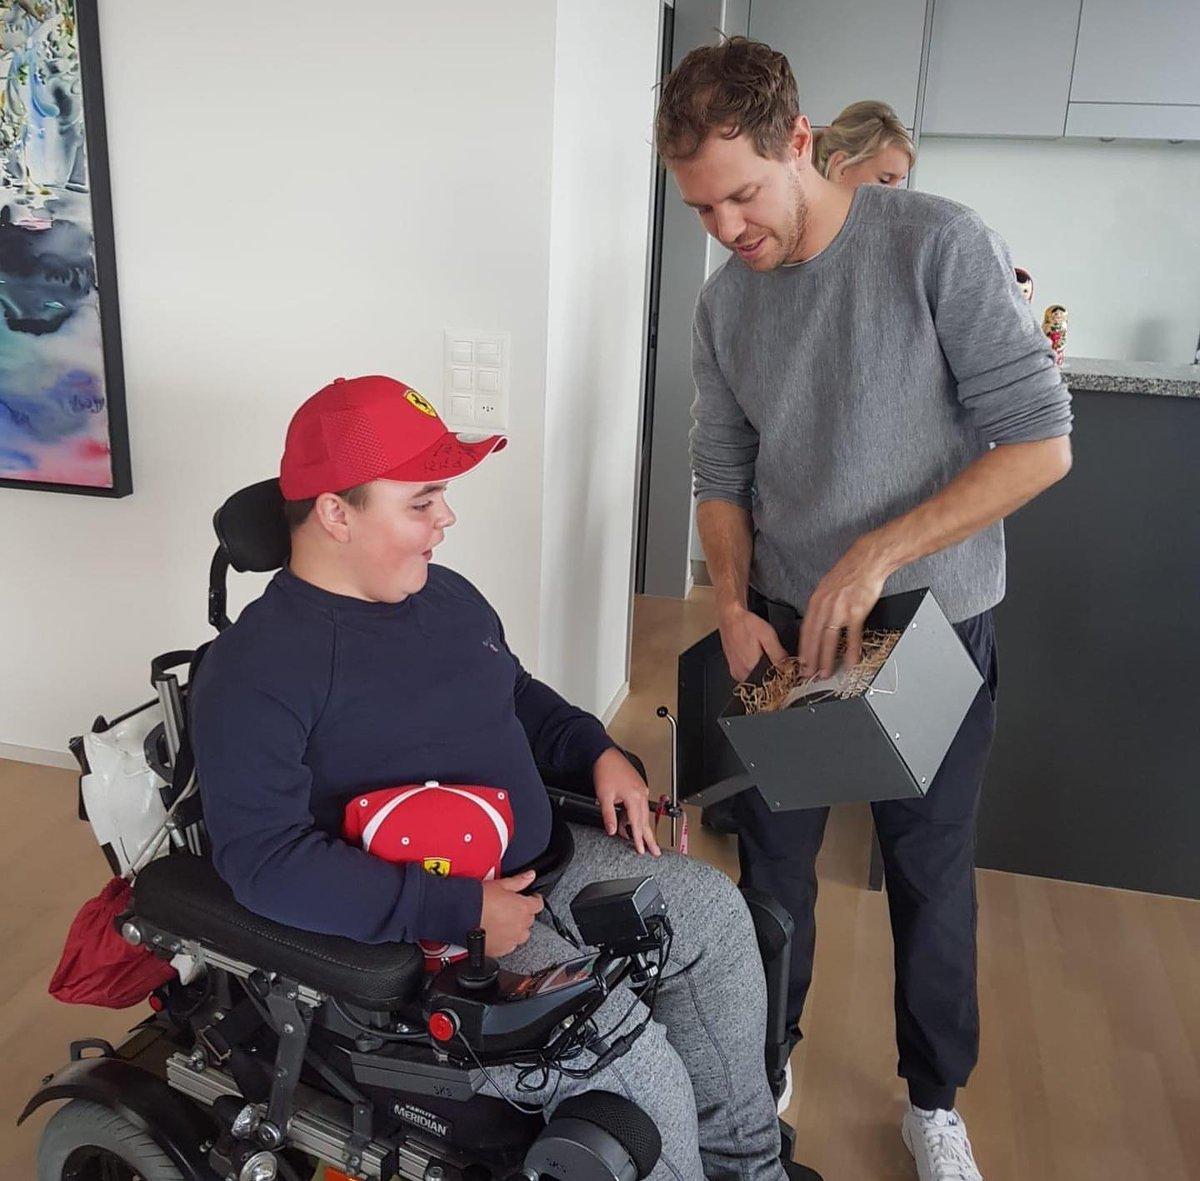 Albert, a fan of Sebastian Vettel, was able to meet Seb after writing a letter to him, earlier this year     meh_mathildeescherheim   #Seb5  #F1